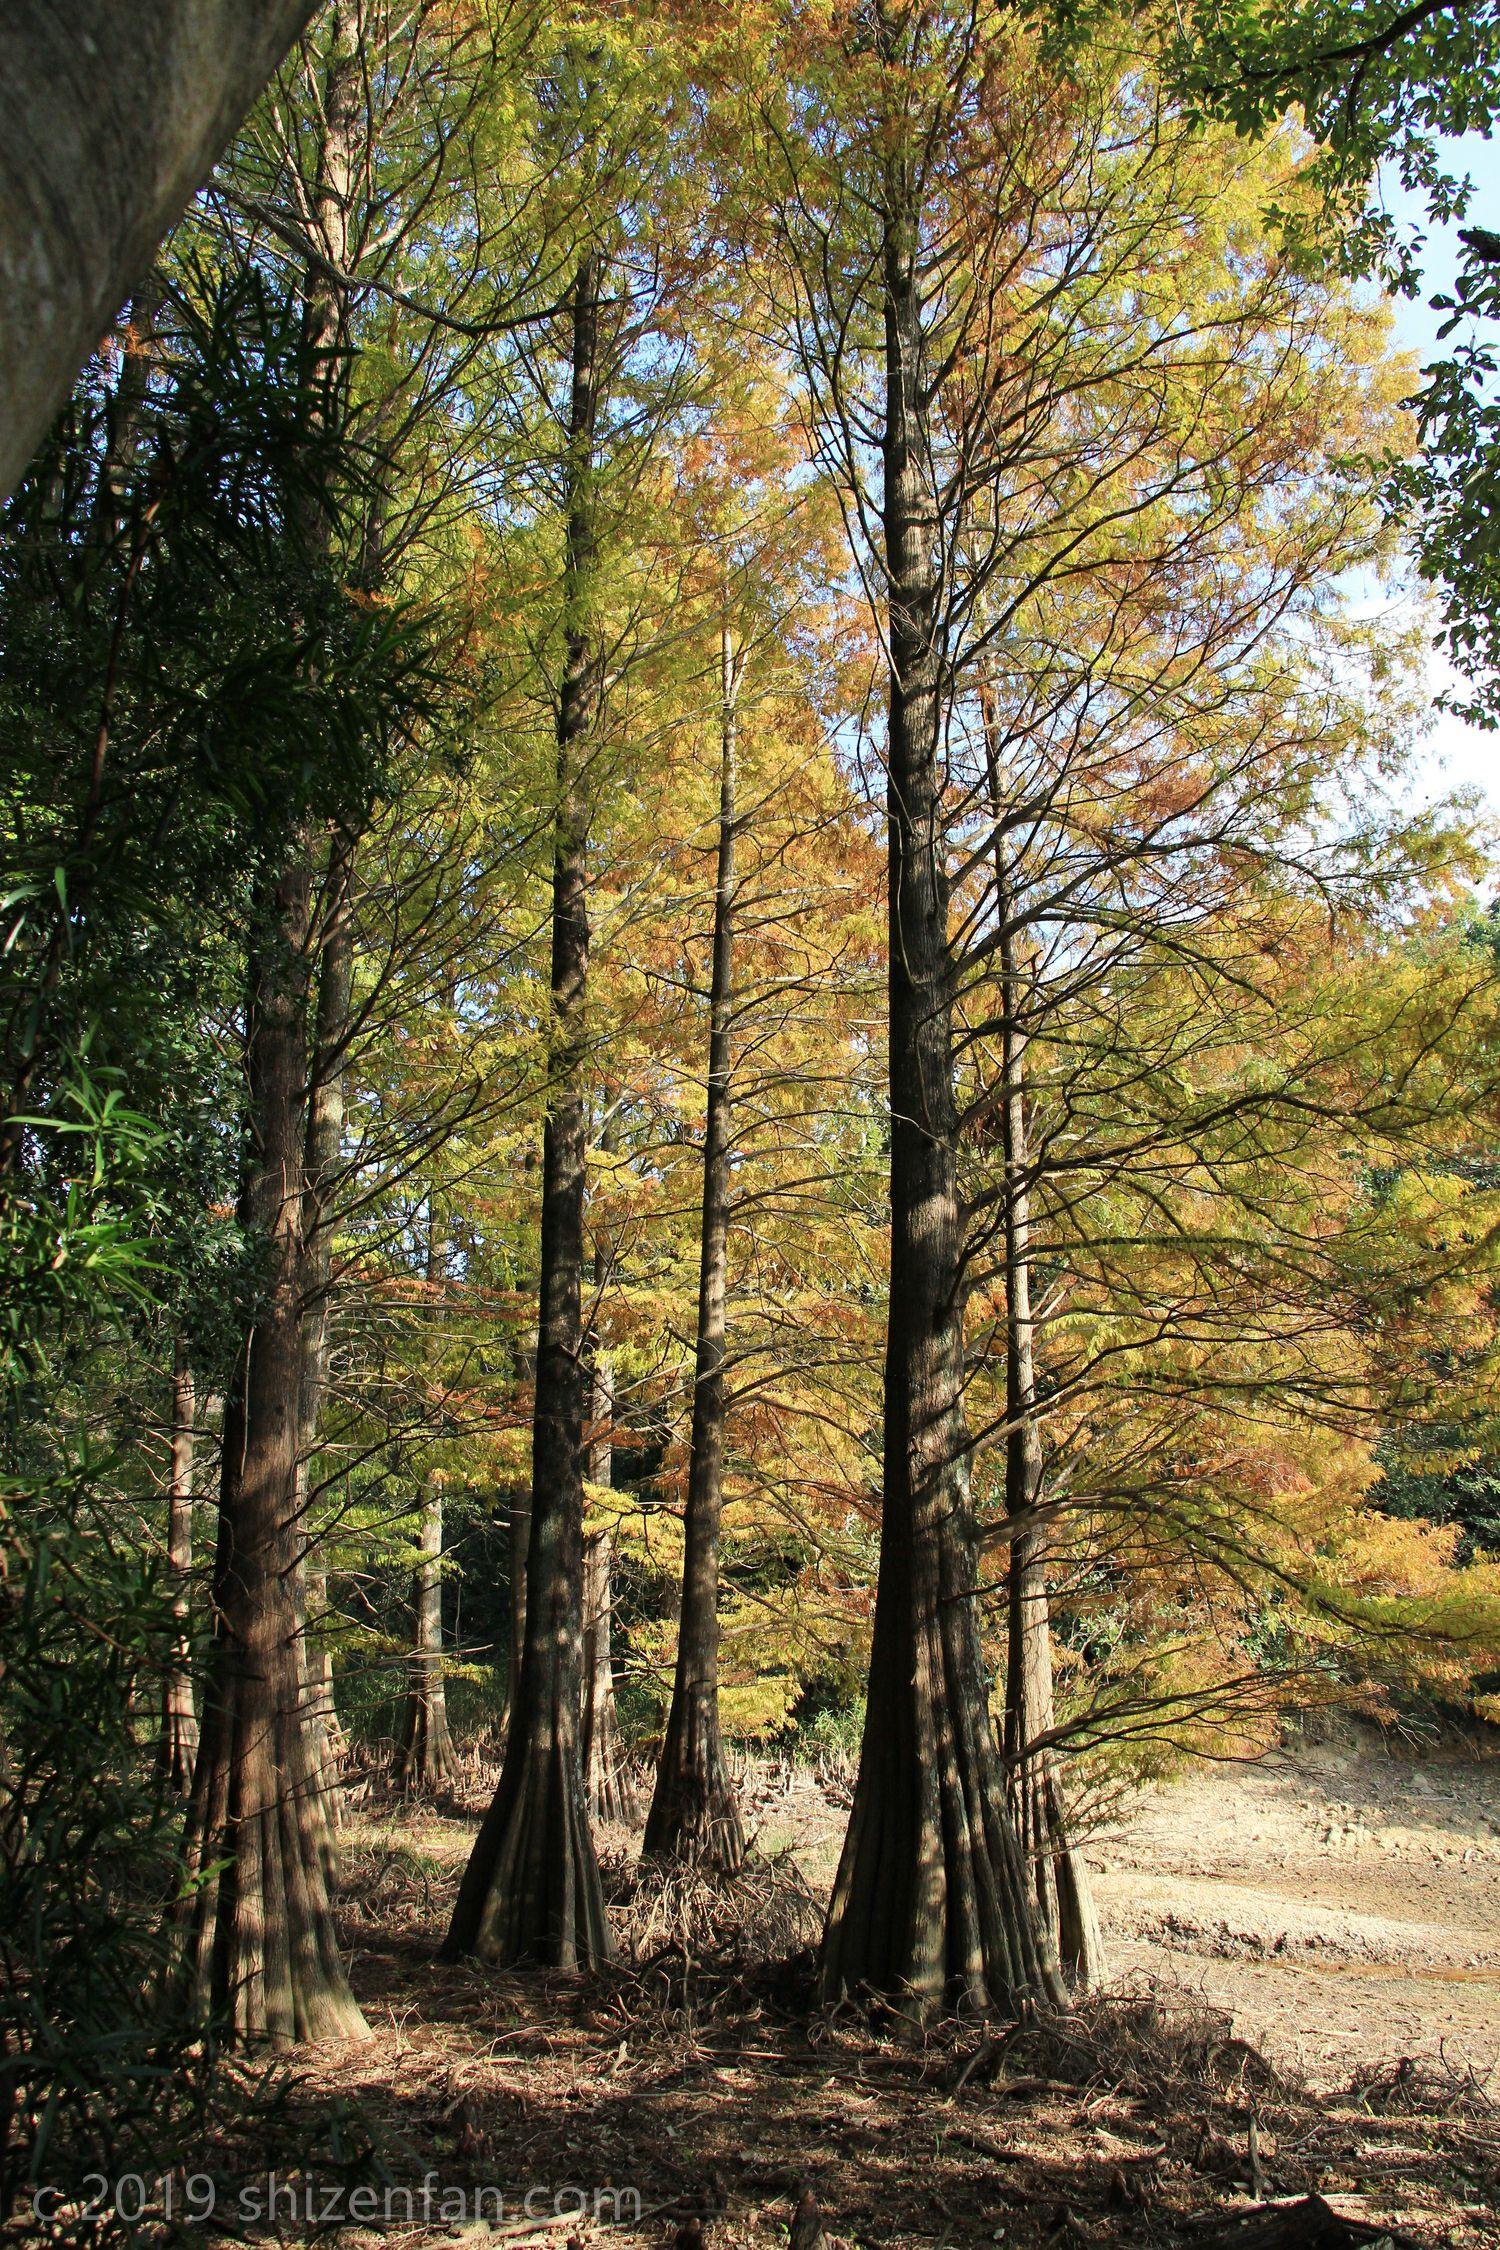 篠栗九大の森 秋の水辺の森